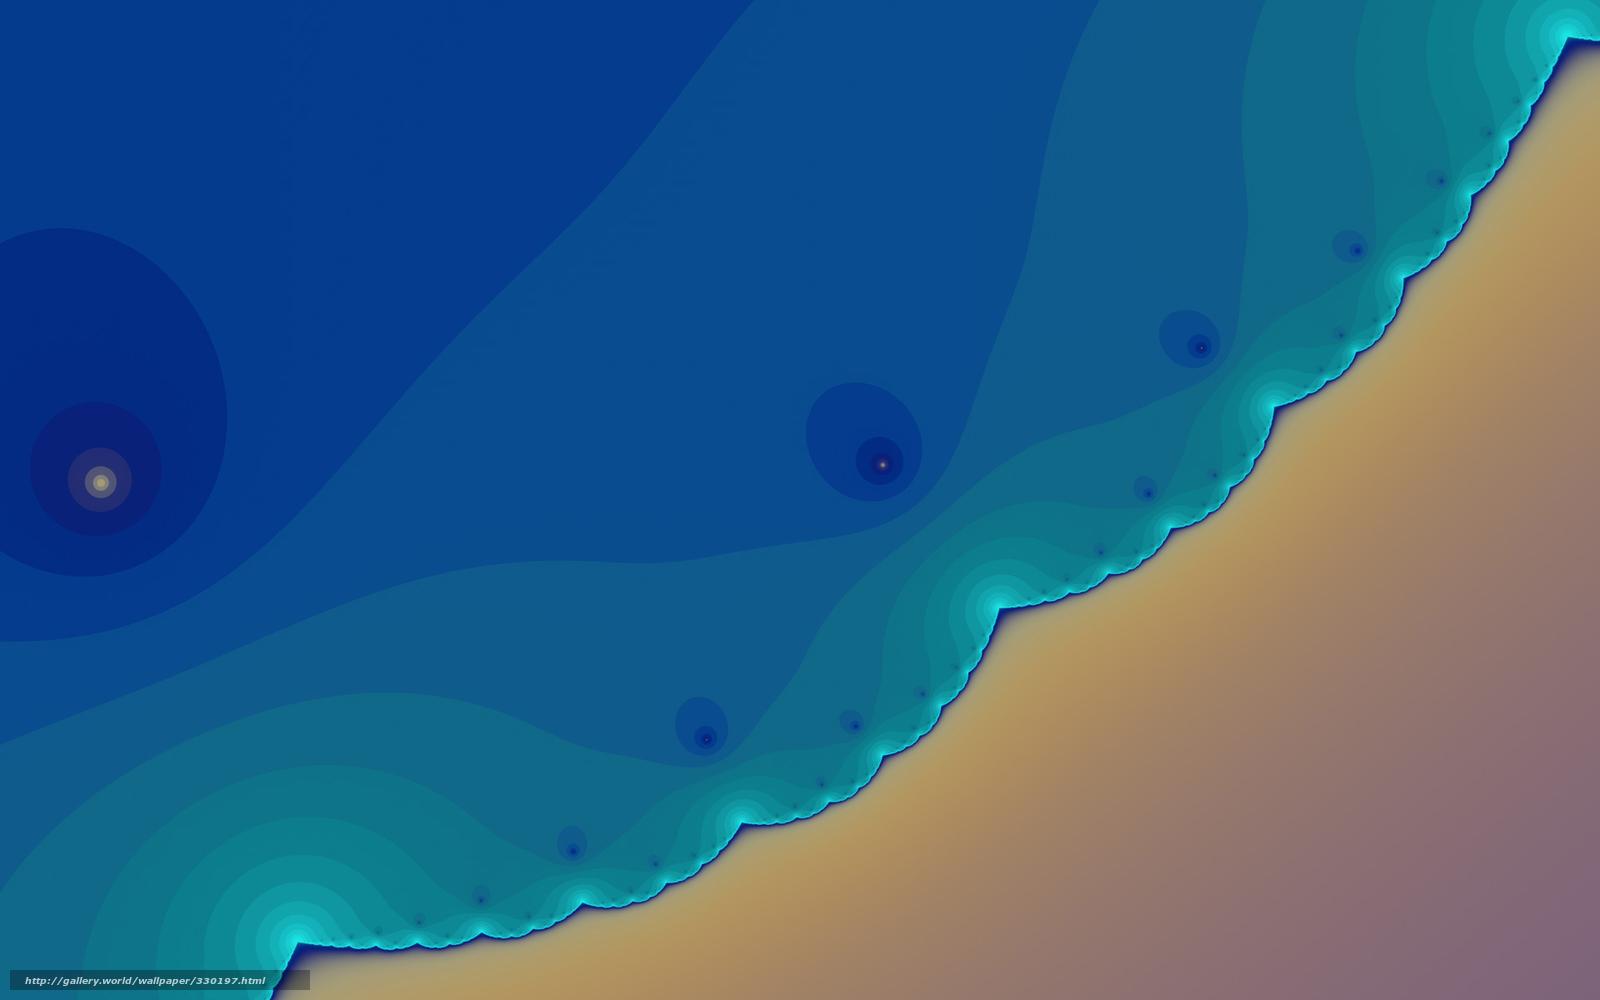 Tlcharger Fond d'ecran Abstraction,  fractale,  beige,  bleu Fonds d'ecran gratuits pour votre rsolution du bureau 1920x1200 — image №330197